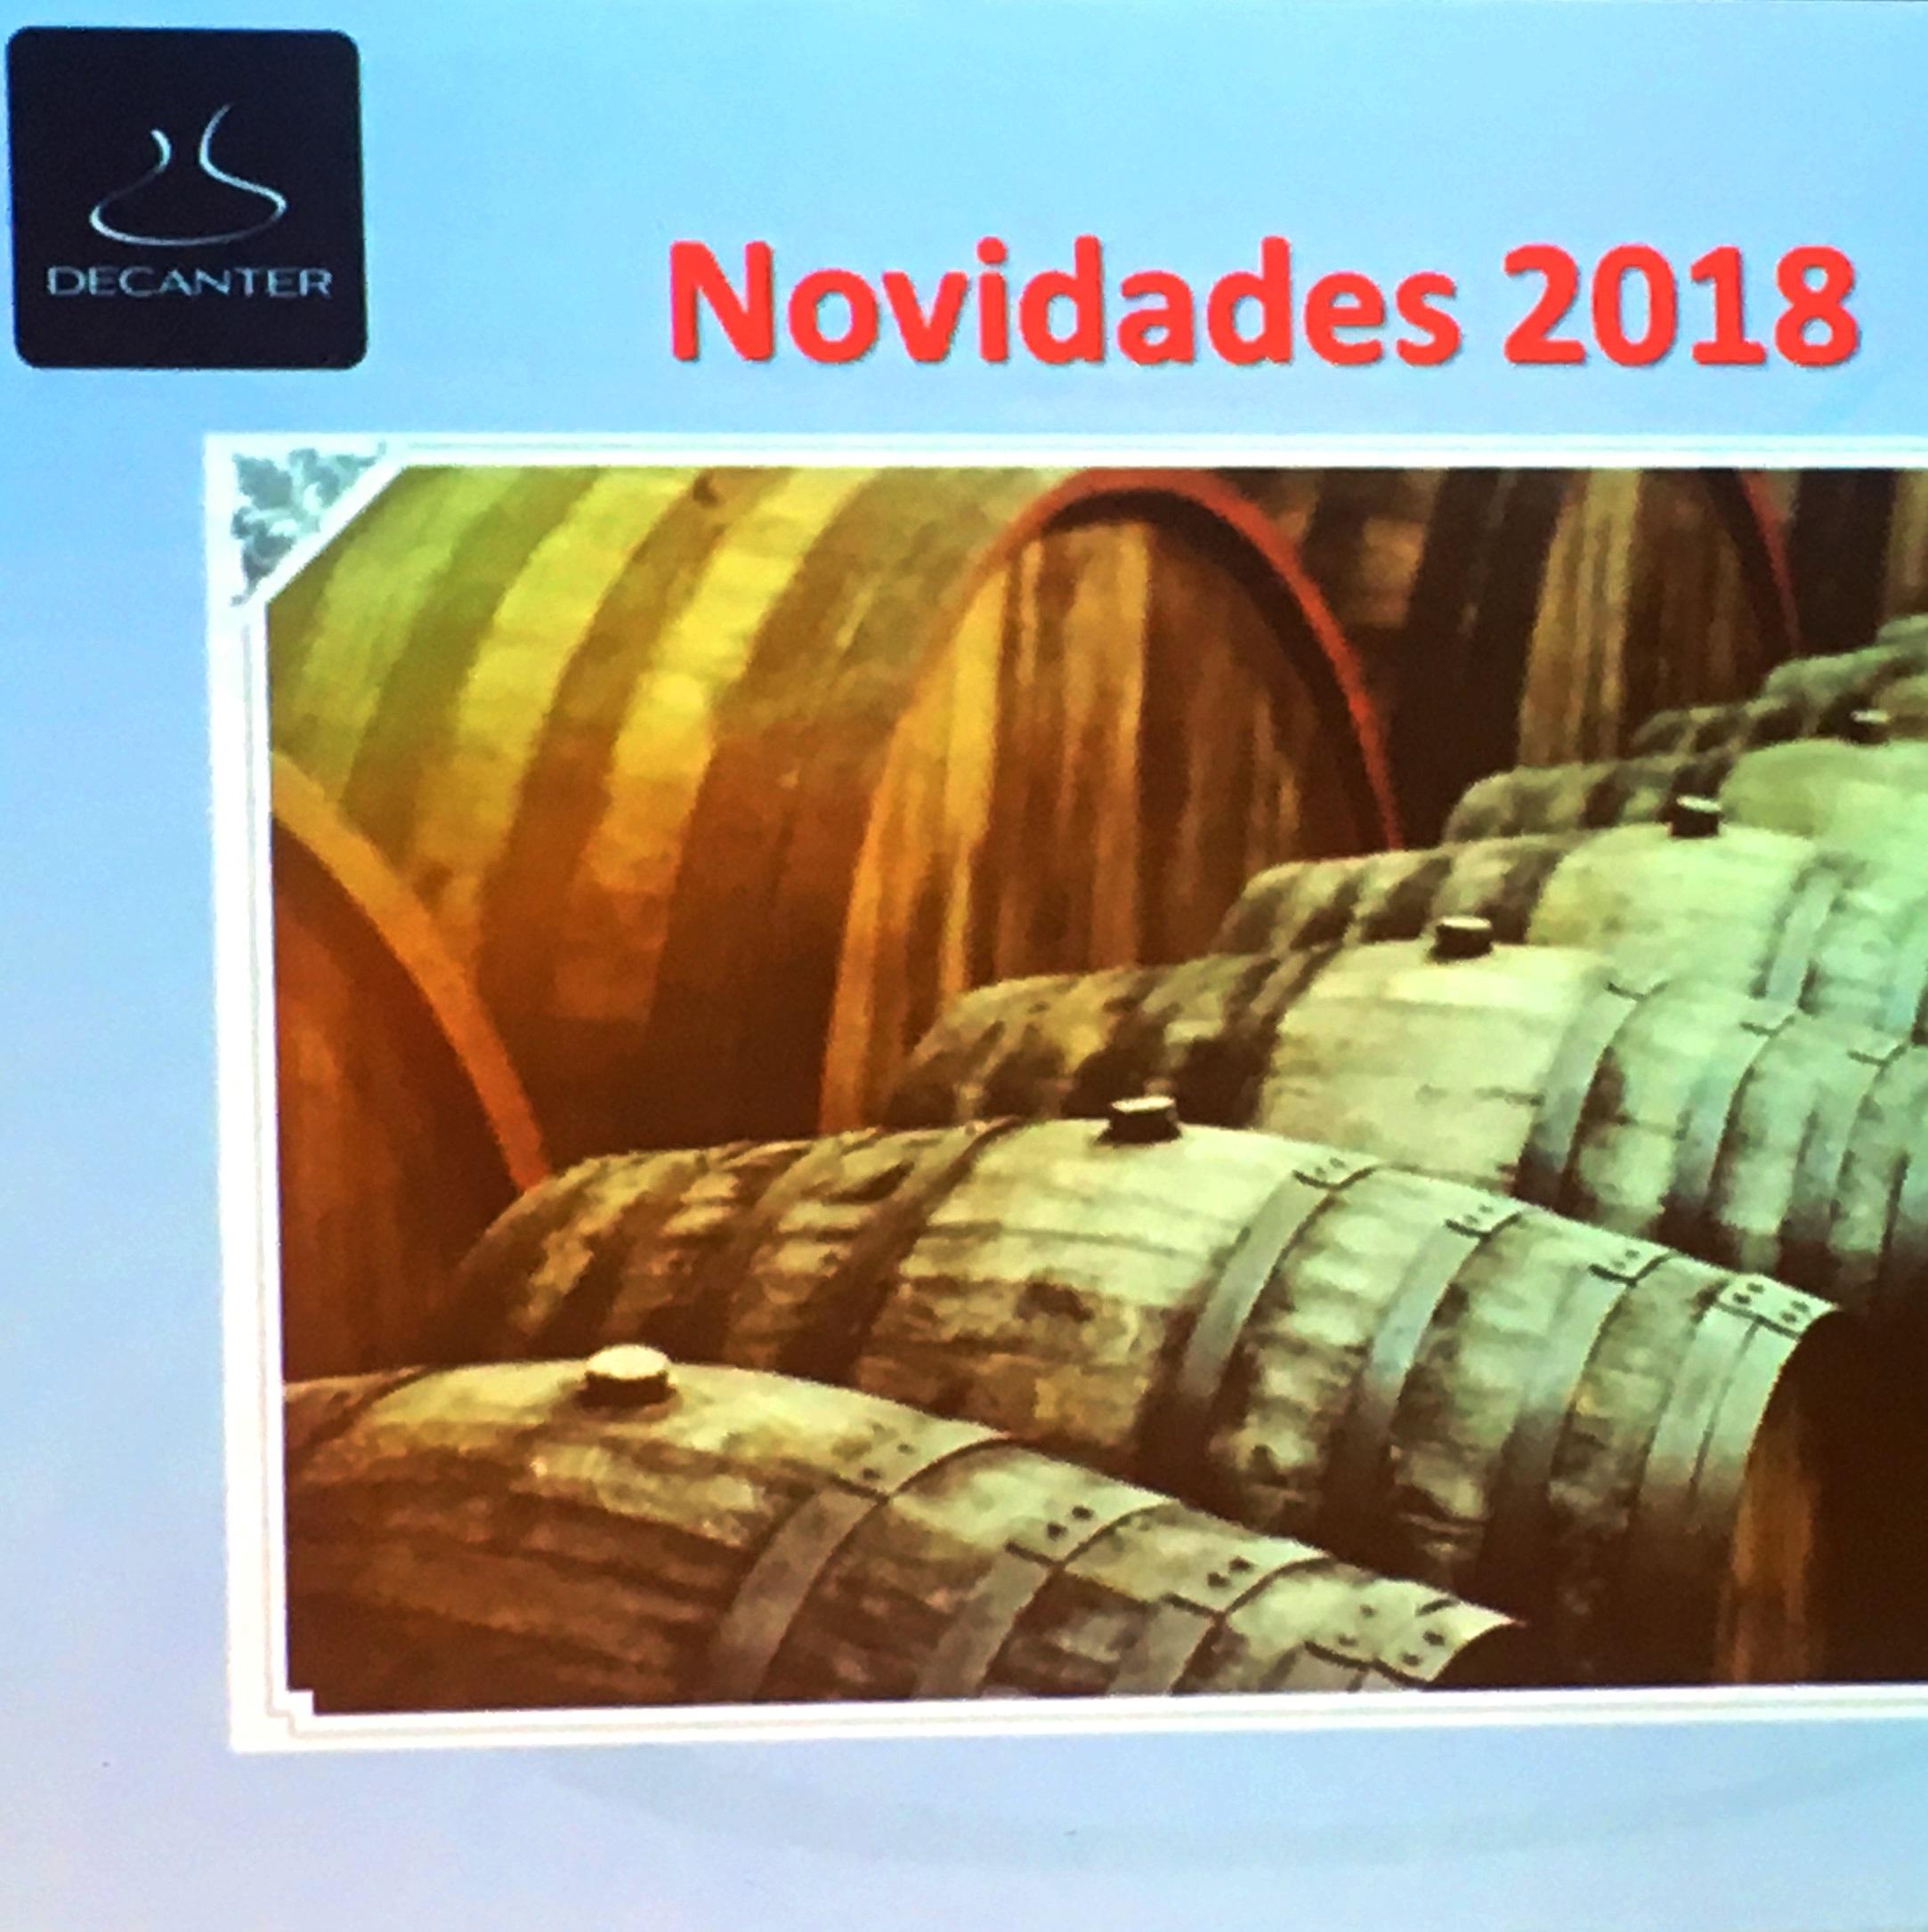 Nova leva de vinhos da importadora Decanter